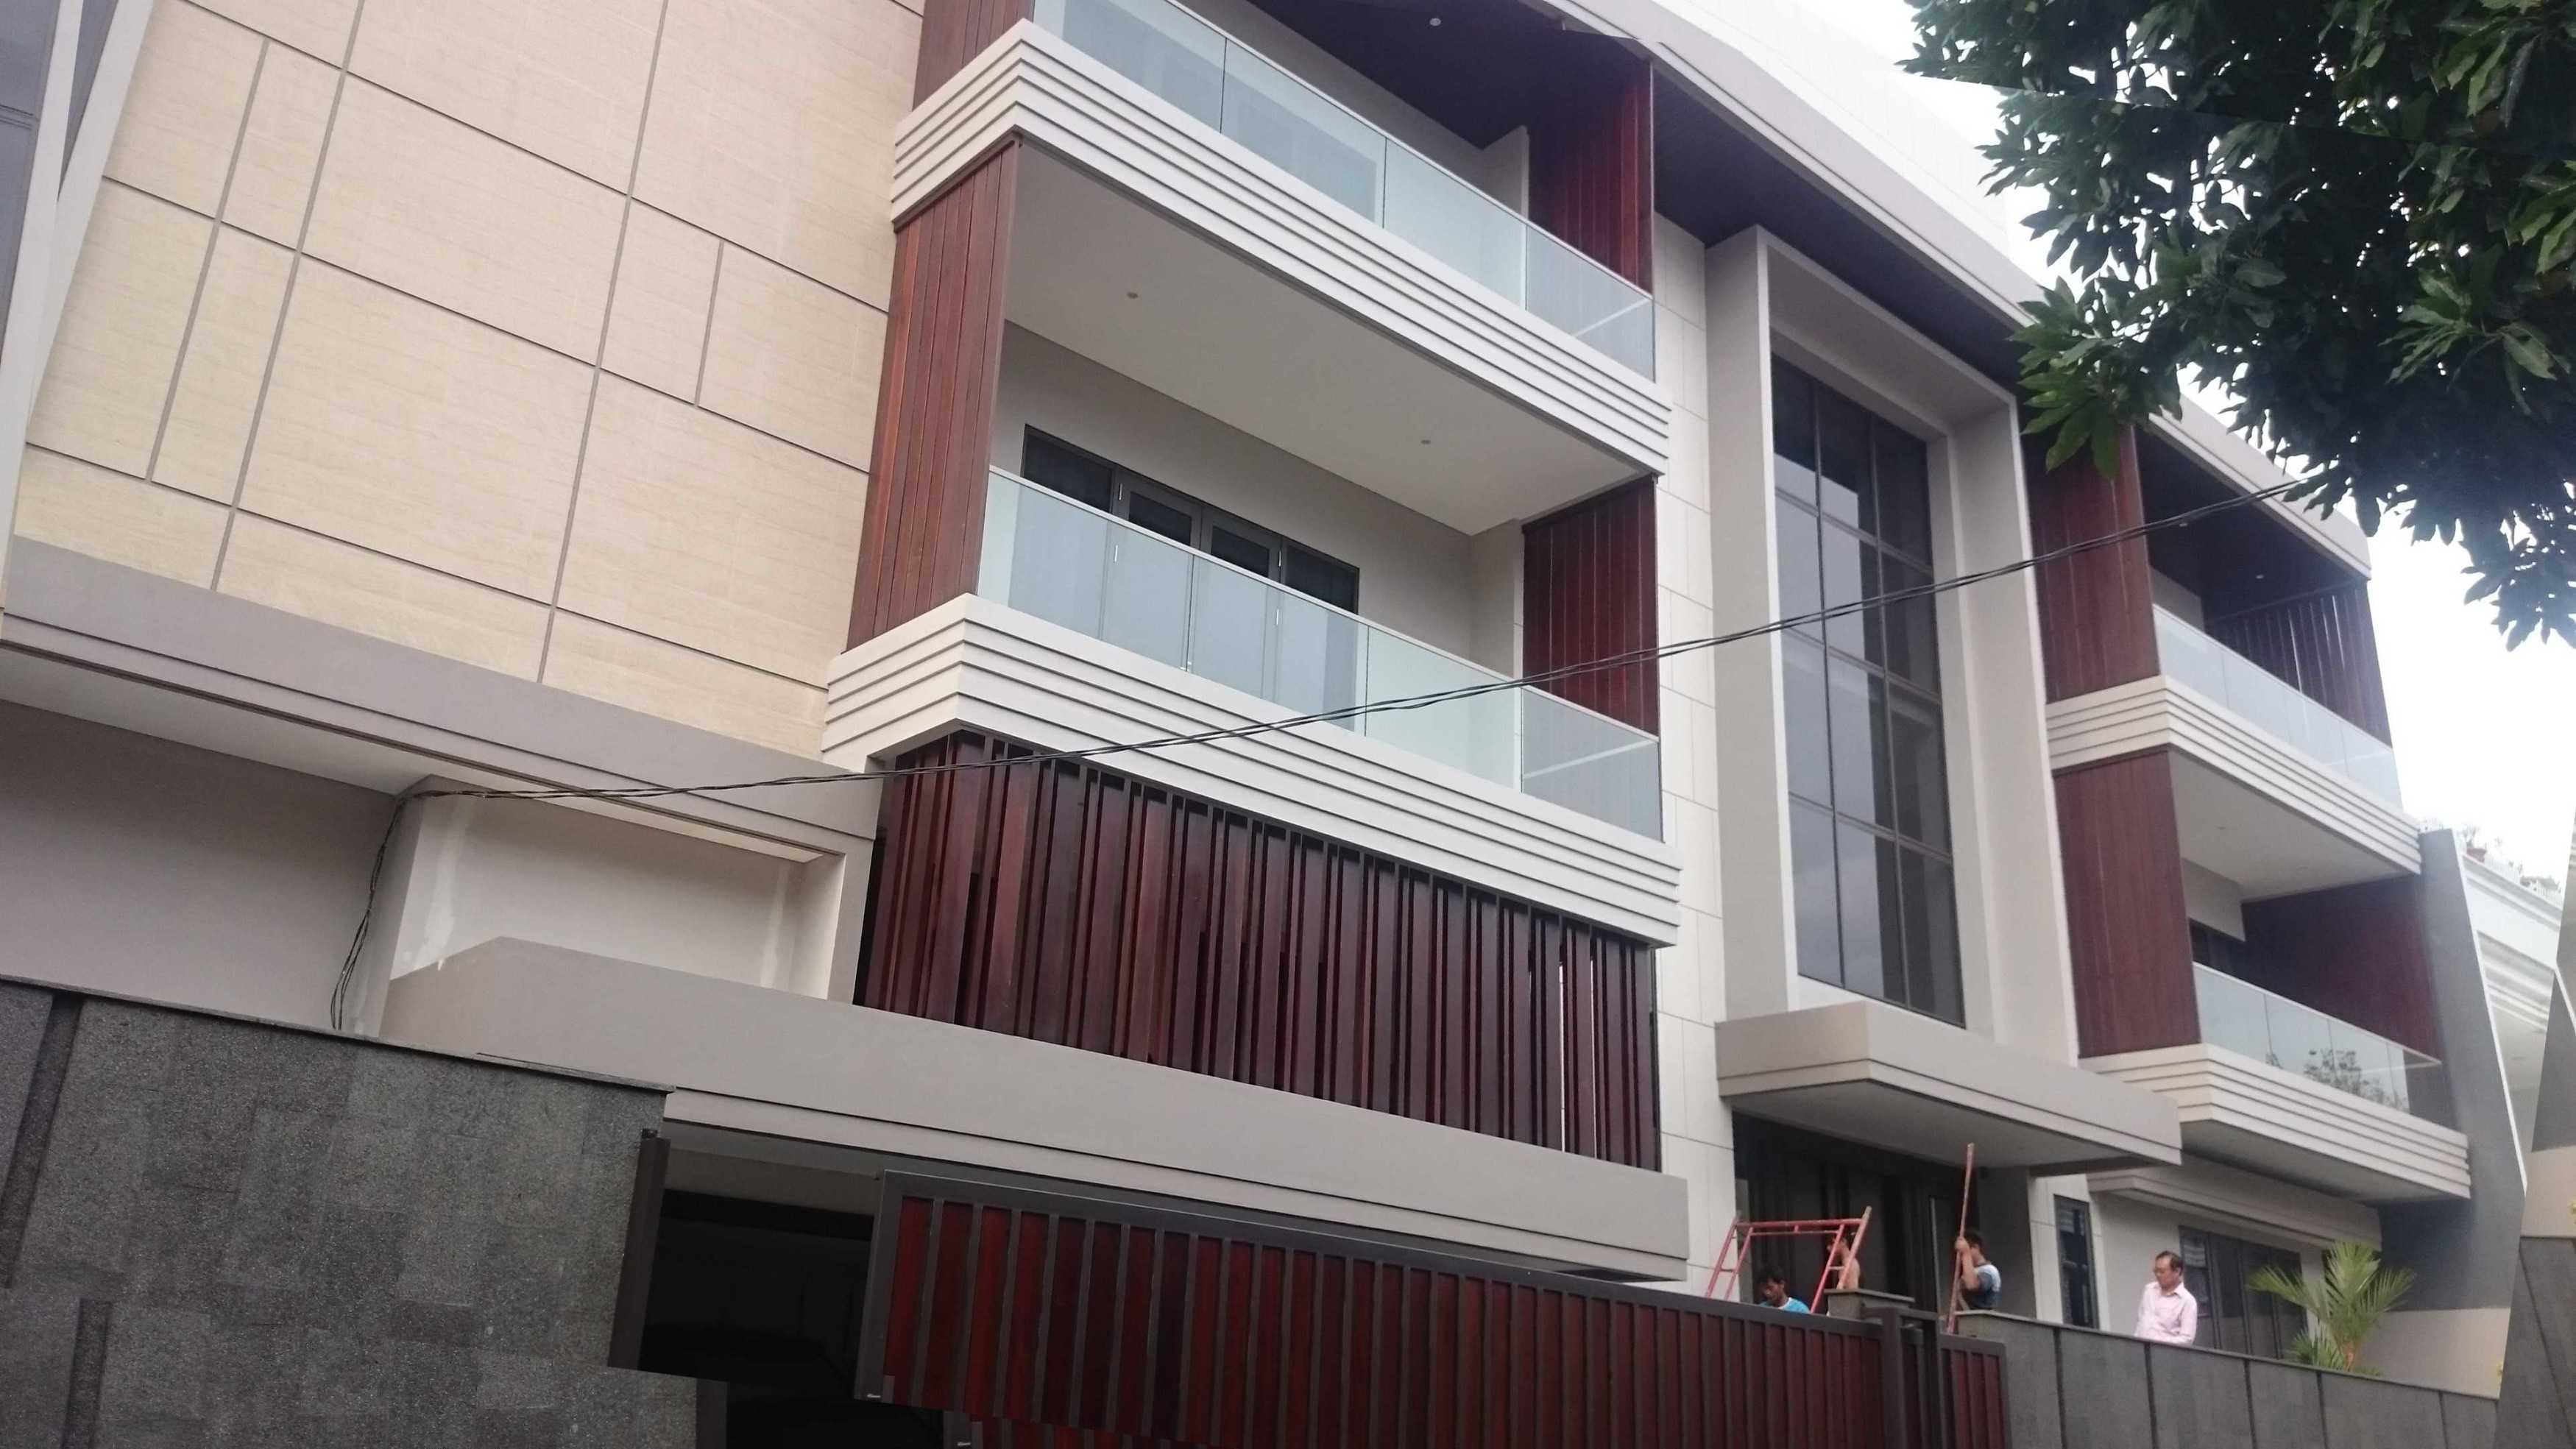 Alradistadesign St House, Sunter Sunter Jakarta Sunter Jakarta Alradistadesign-St-House-Sunter Modern  49103